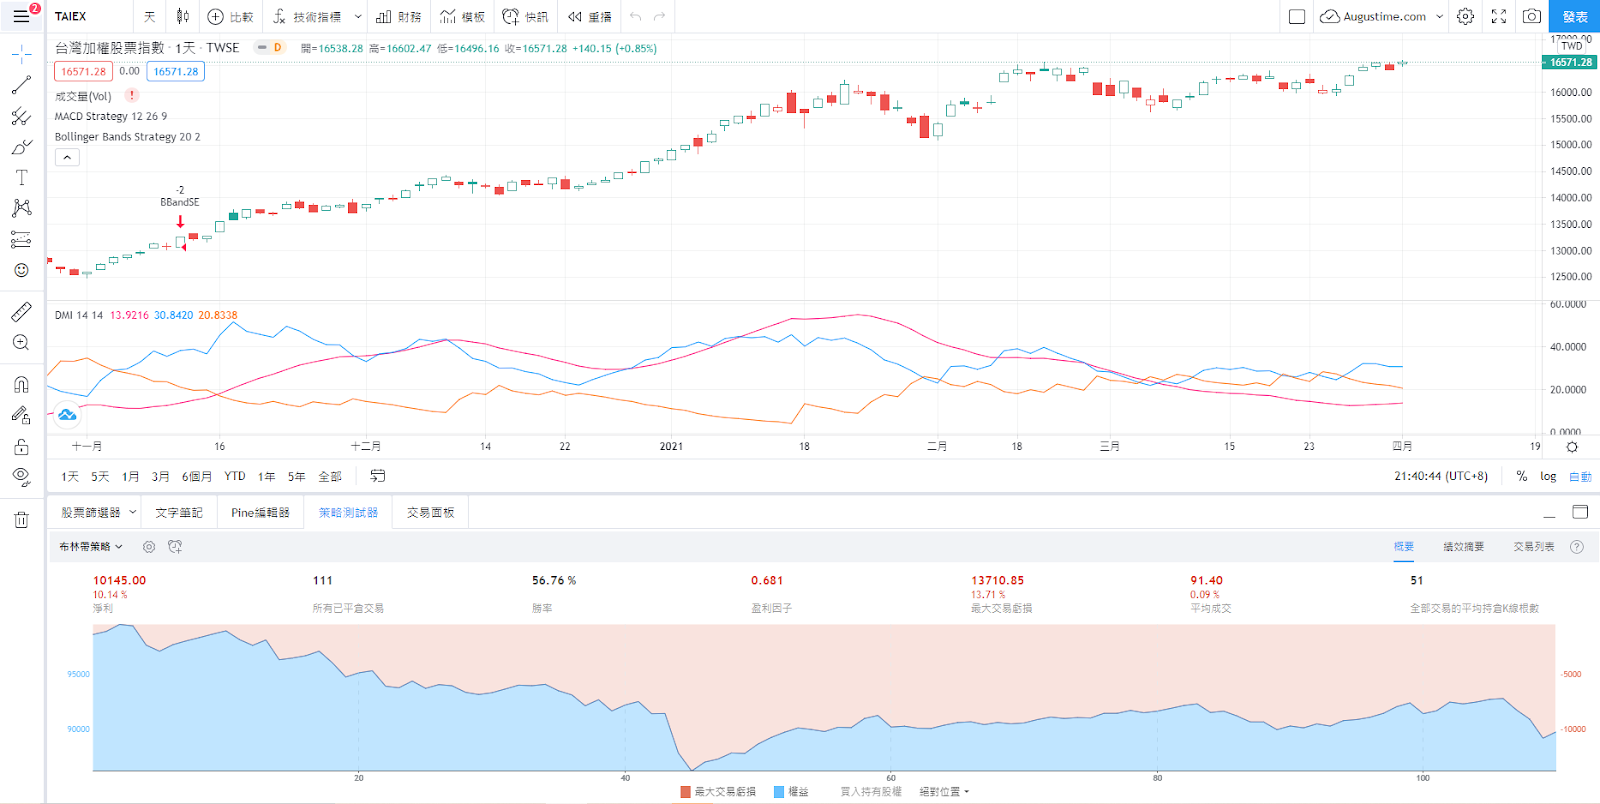 台股加權指數走勢圖與K線圖